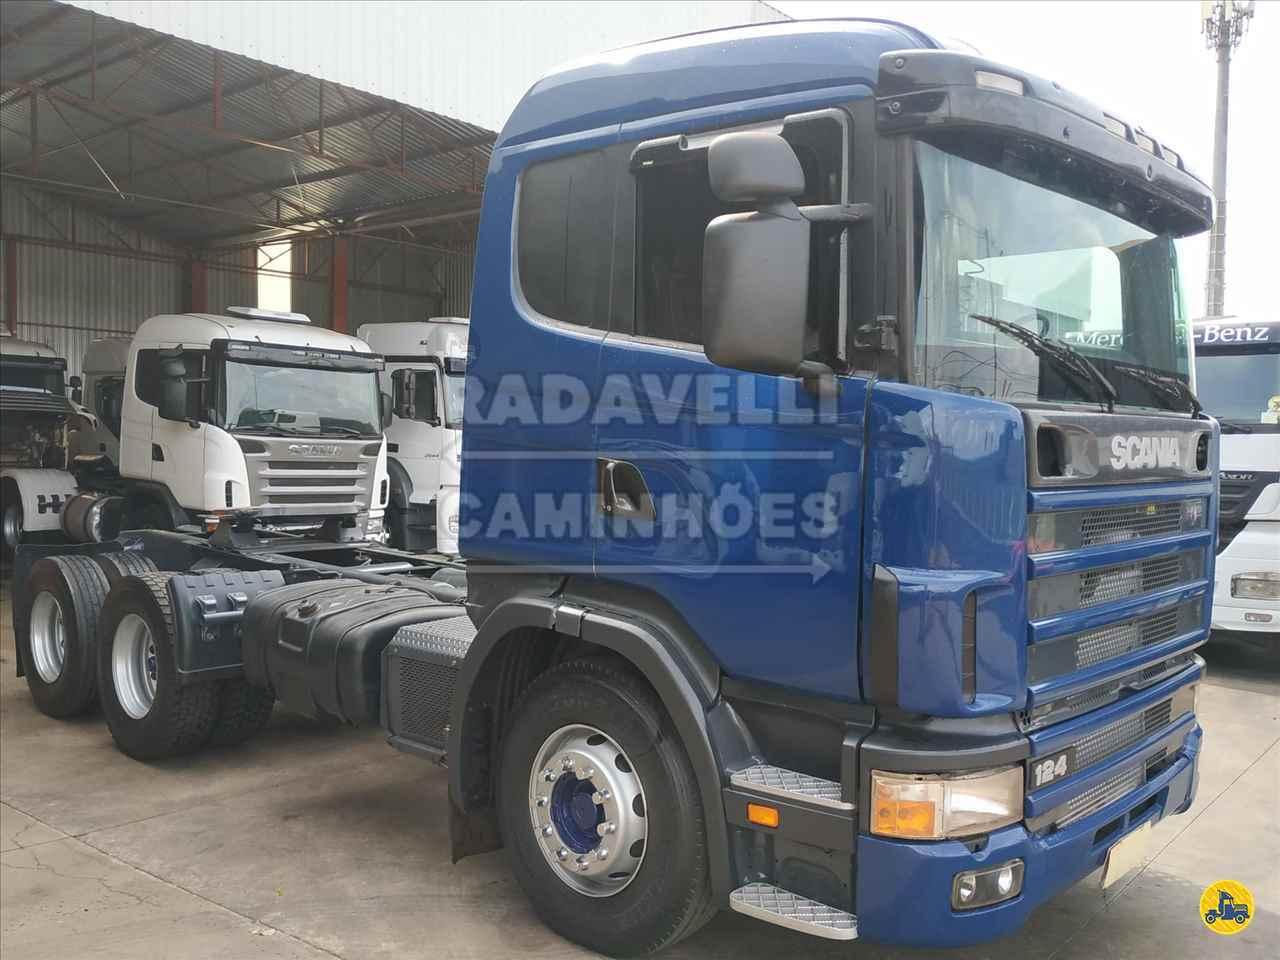 CAMINHAO SCANIA SCANIA 124 360 Cavalo Mecânico Truck 6x2 Radavelli Caminhões MATAO SÃO PAULO SP